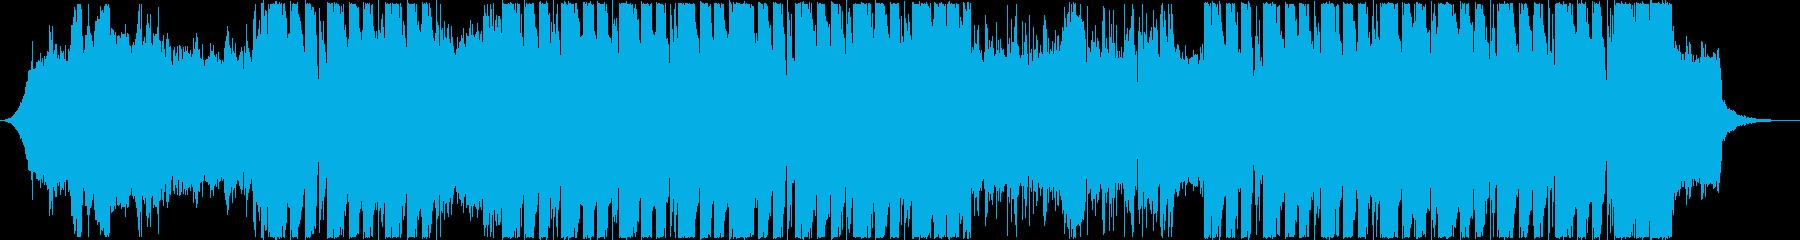 激しくスピード感ギターリフの再生済みの波形